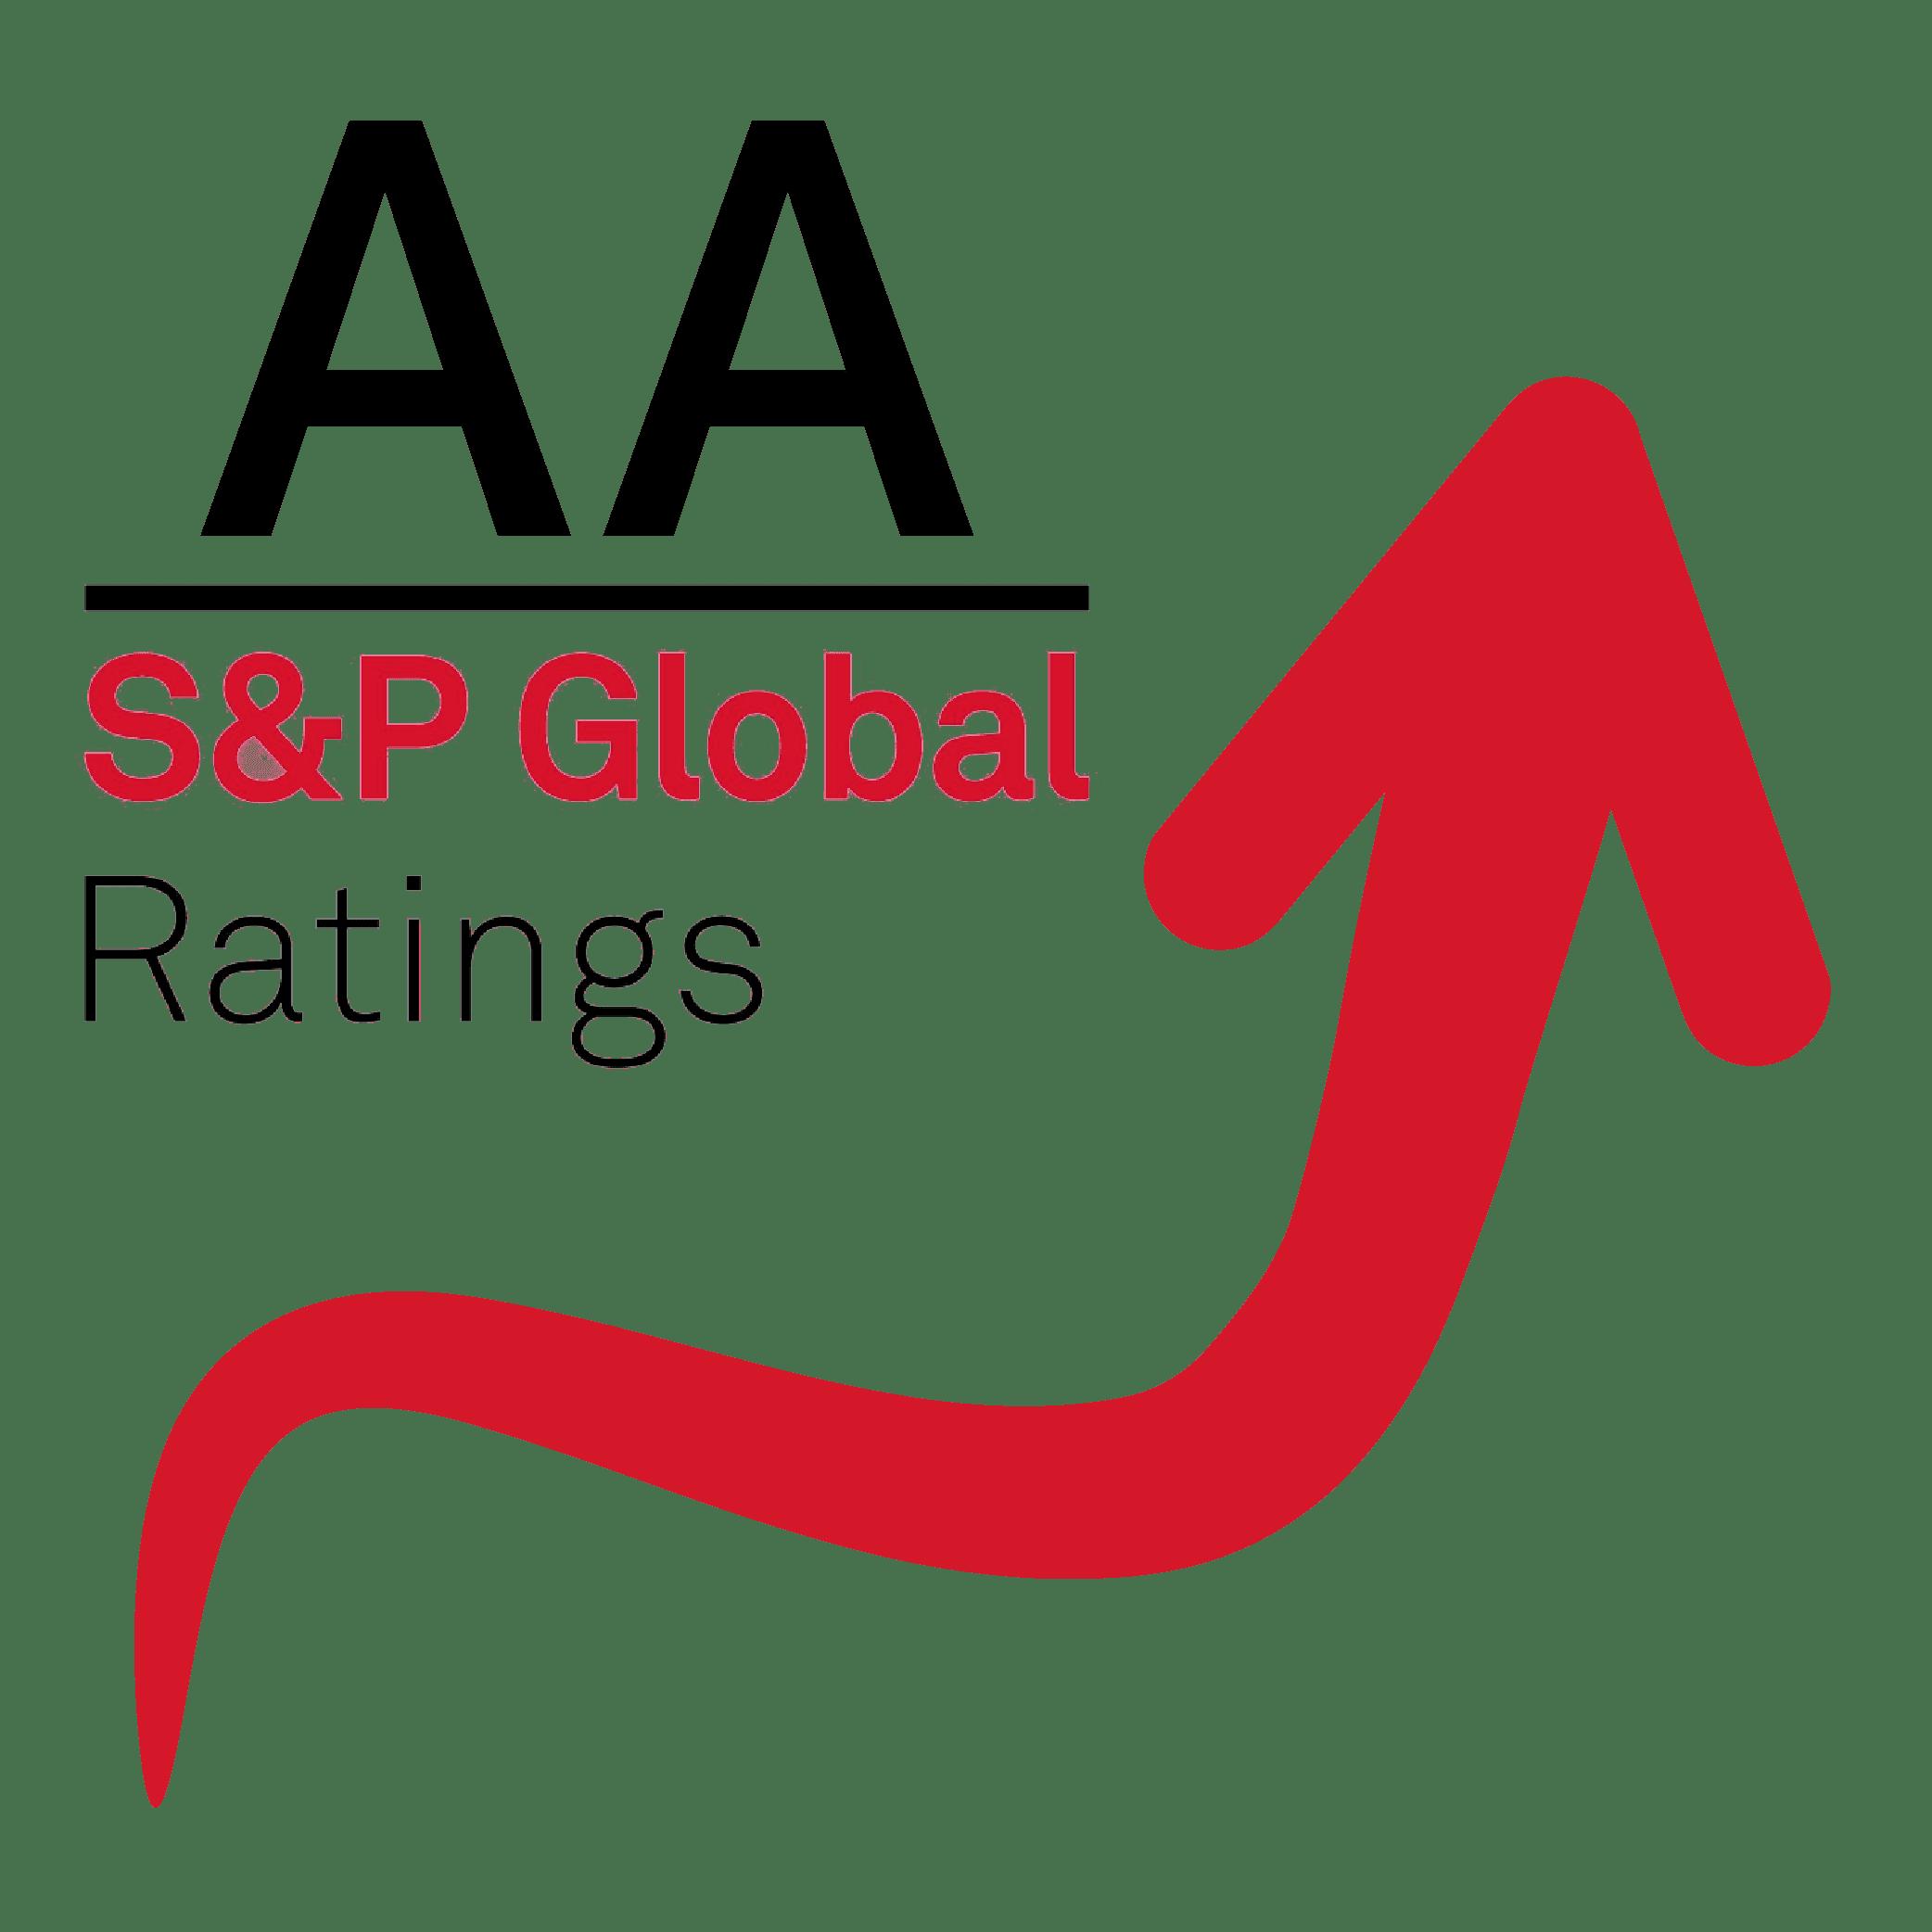 AA RATING-website-01-01